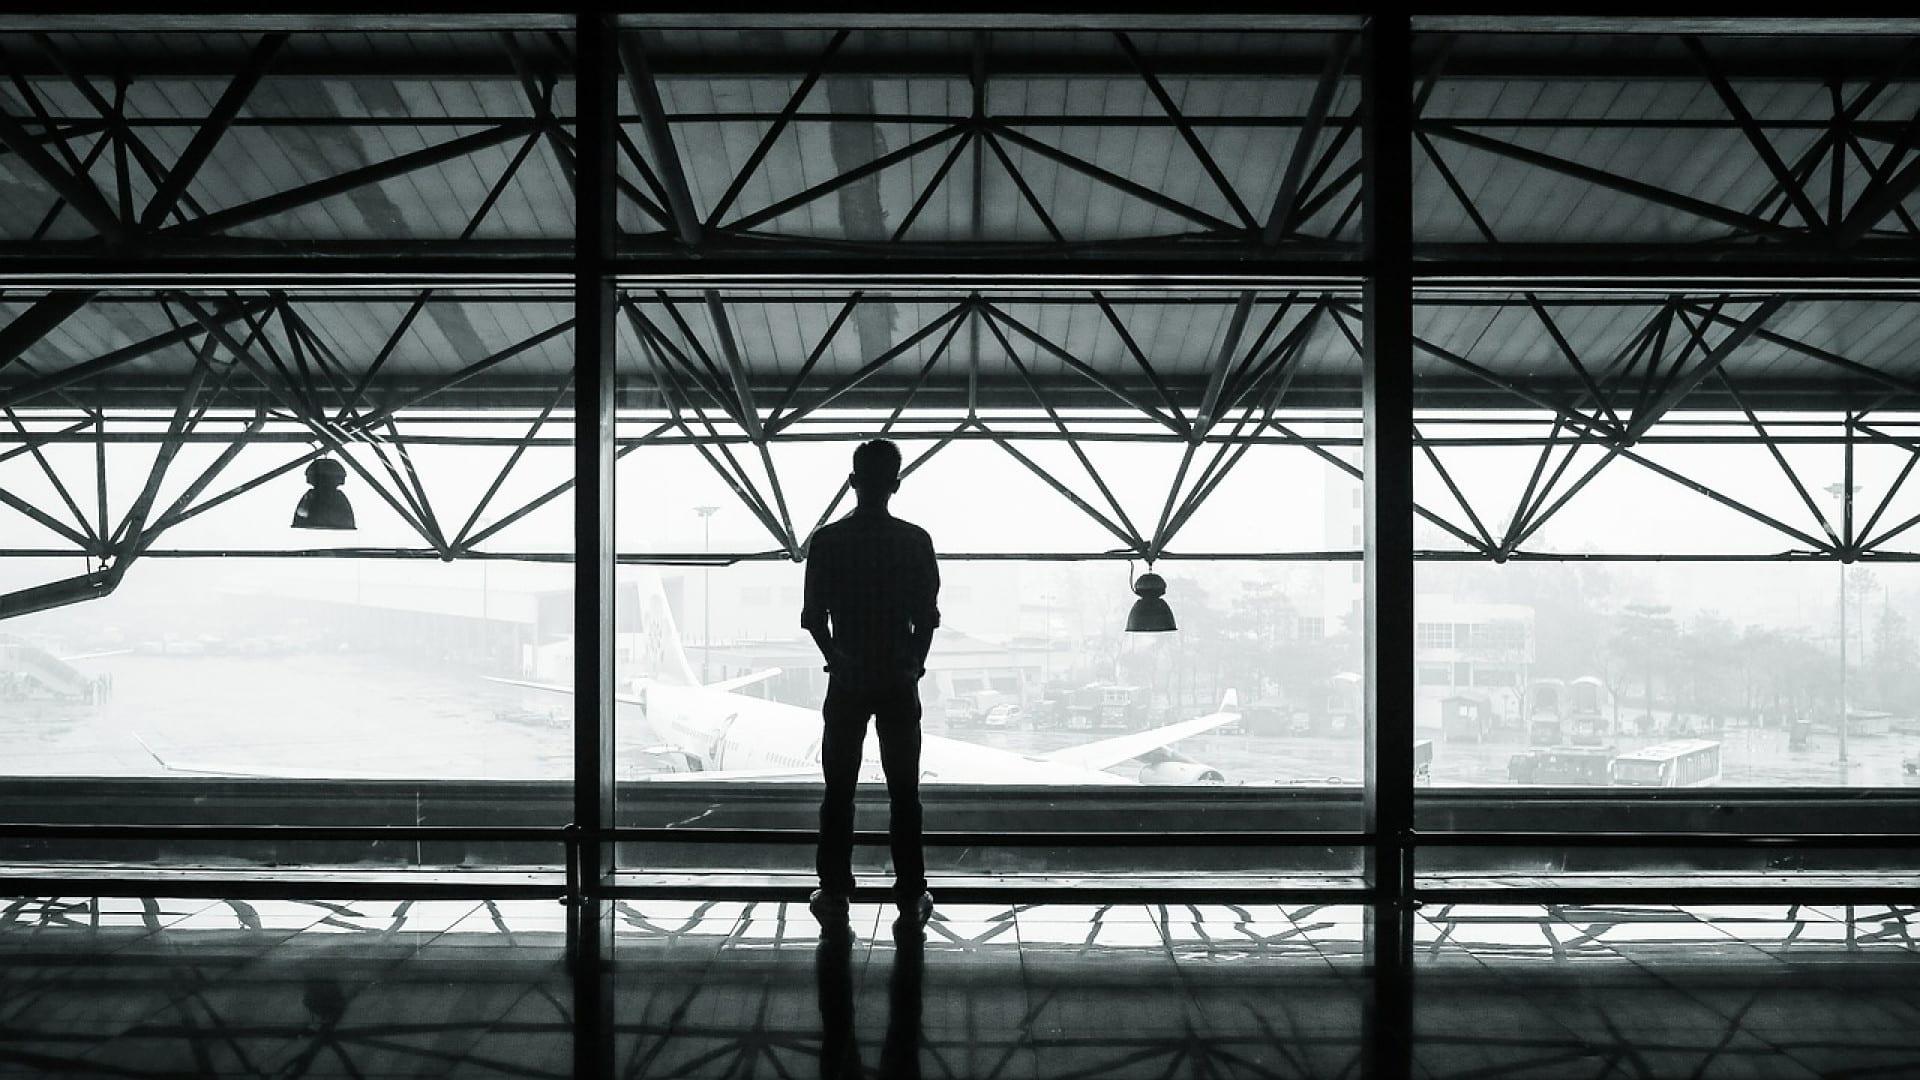 Comment pour devenir agent de sûreté aéroportuaire